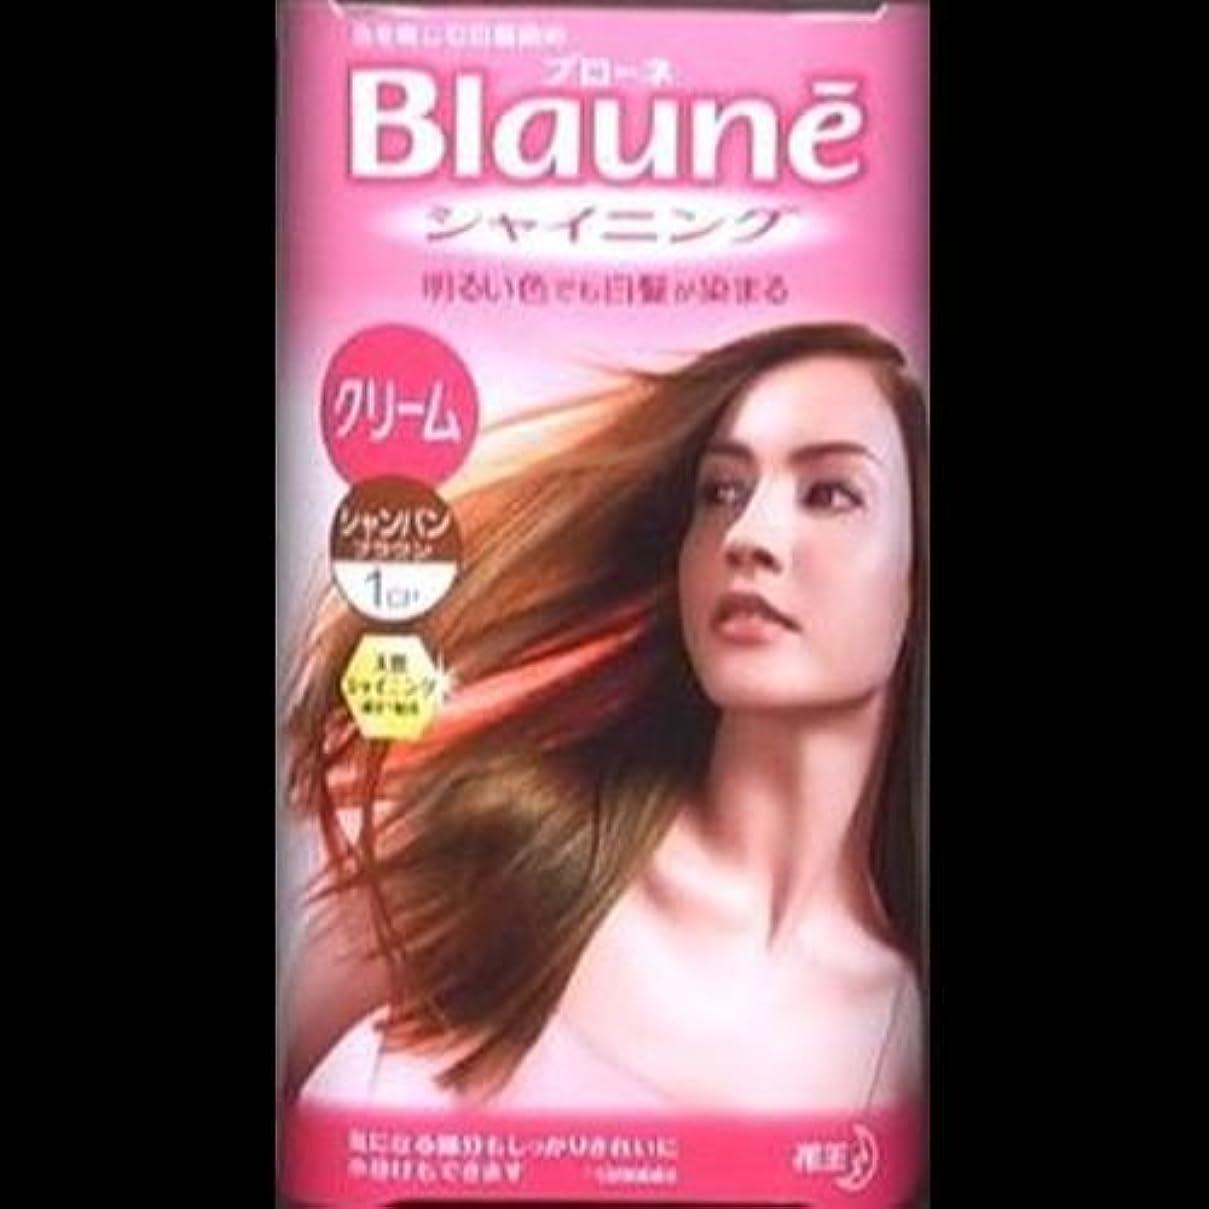 ほこりっぽいゴールメンタル【まとめ買い】ブローネシャイニングヘアカラークリーム 1CP シャンパンブラウン ×2セット